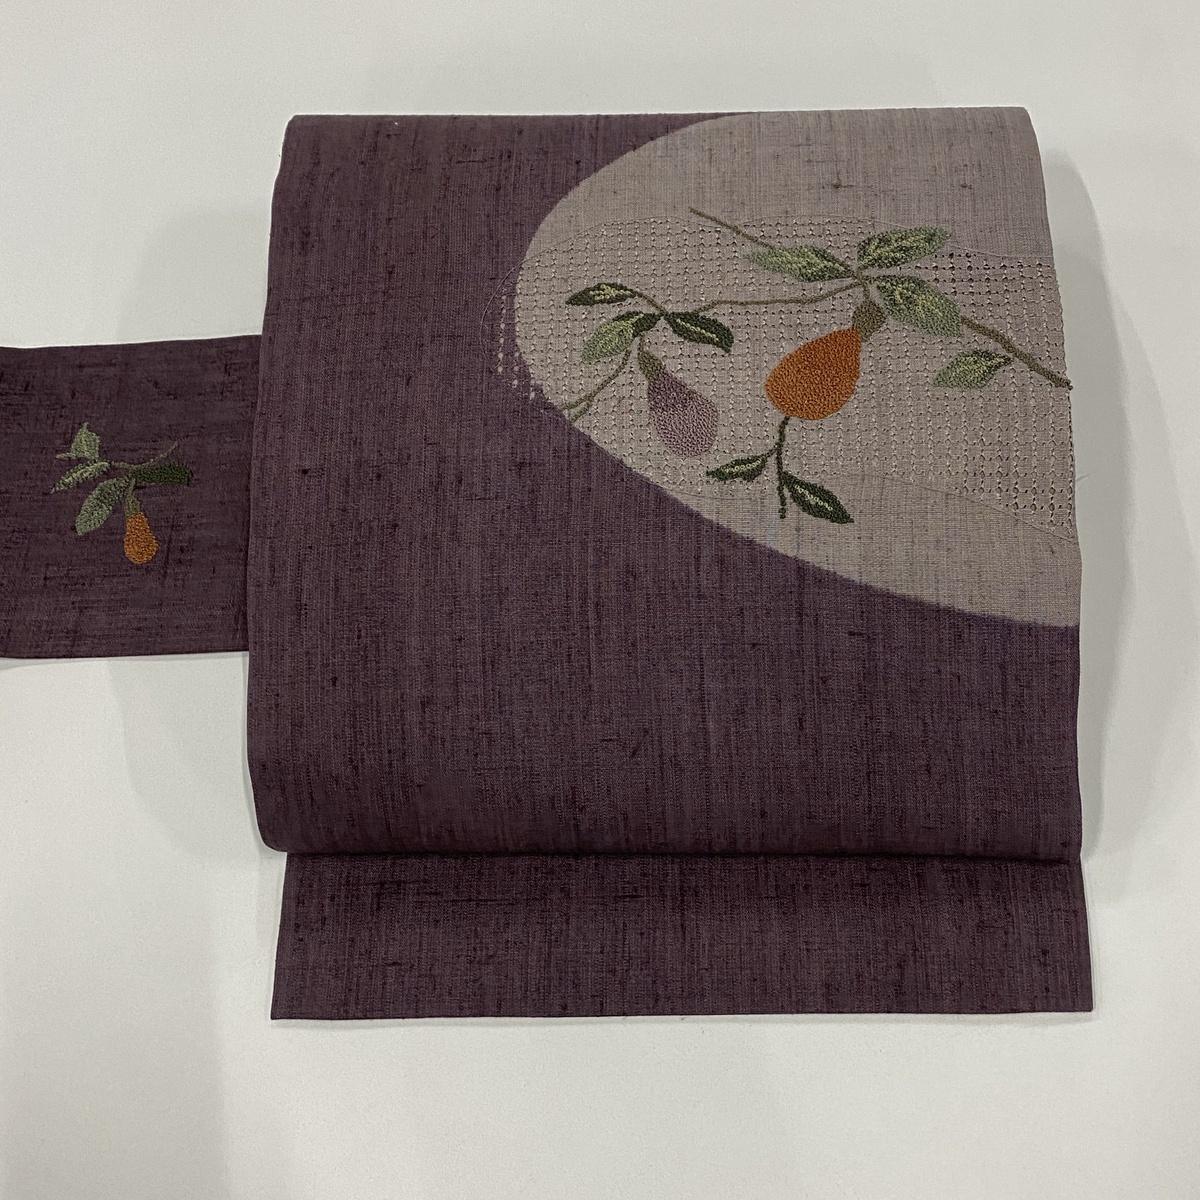 名古屋帯 美品 秀品 紬地 葉と実 汕頭刺繍 紫 正絹 【中古】